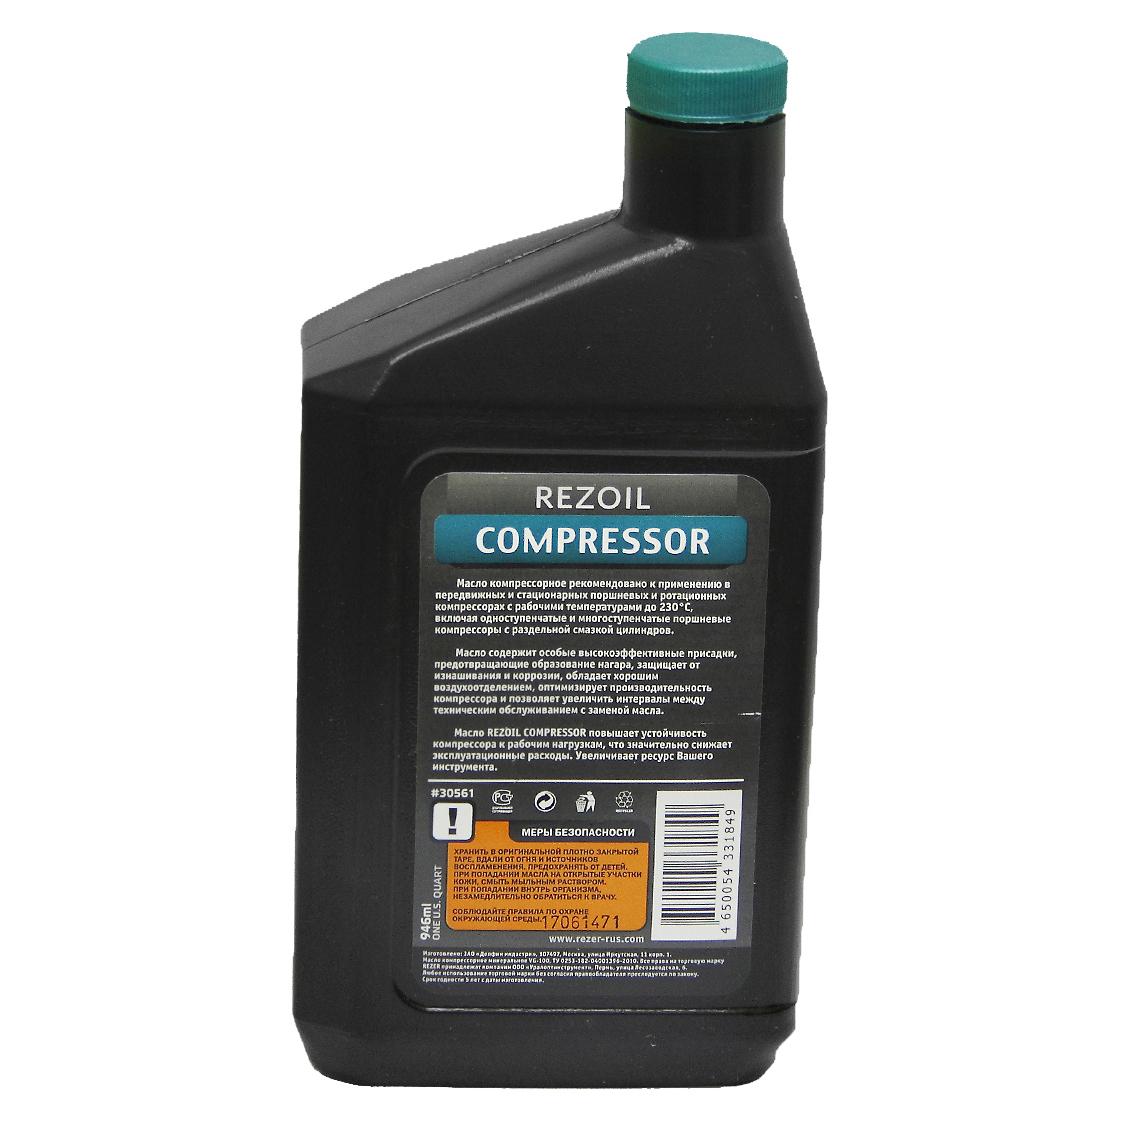 Какой компрессор выбрать: поршневой или винтовой? масляный или безмасляный? —   в москве